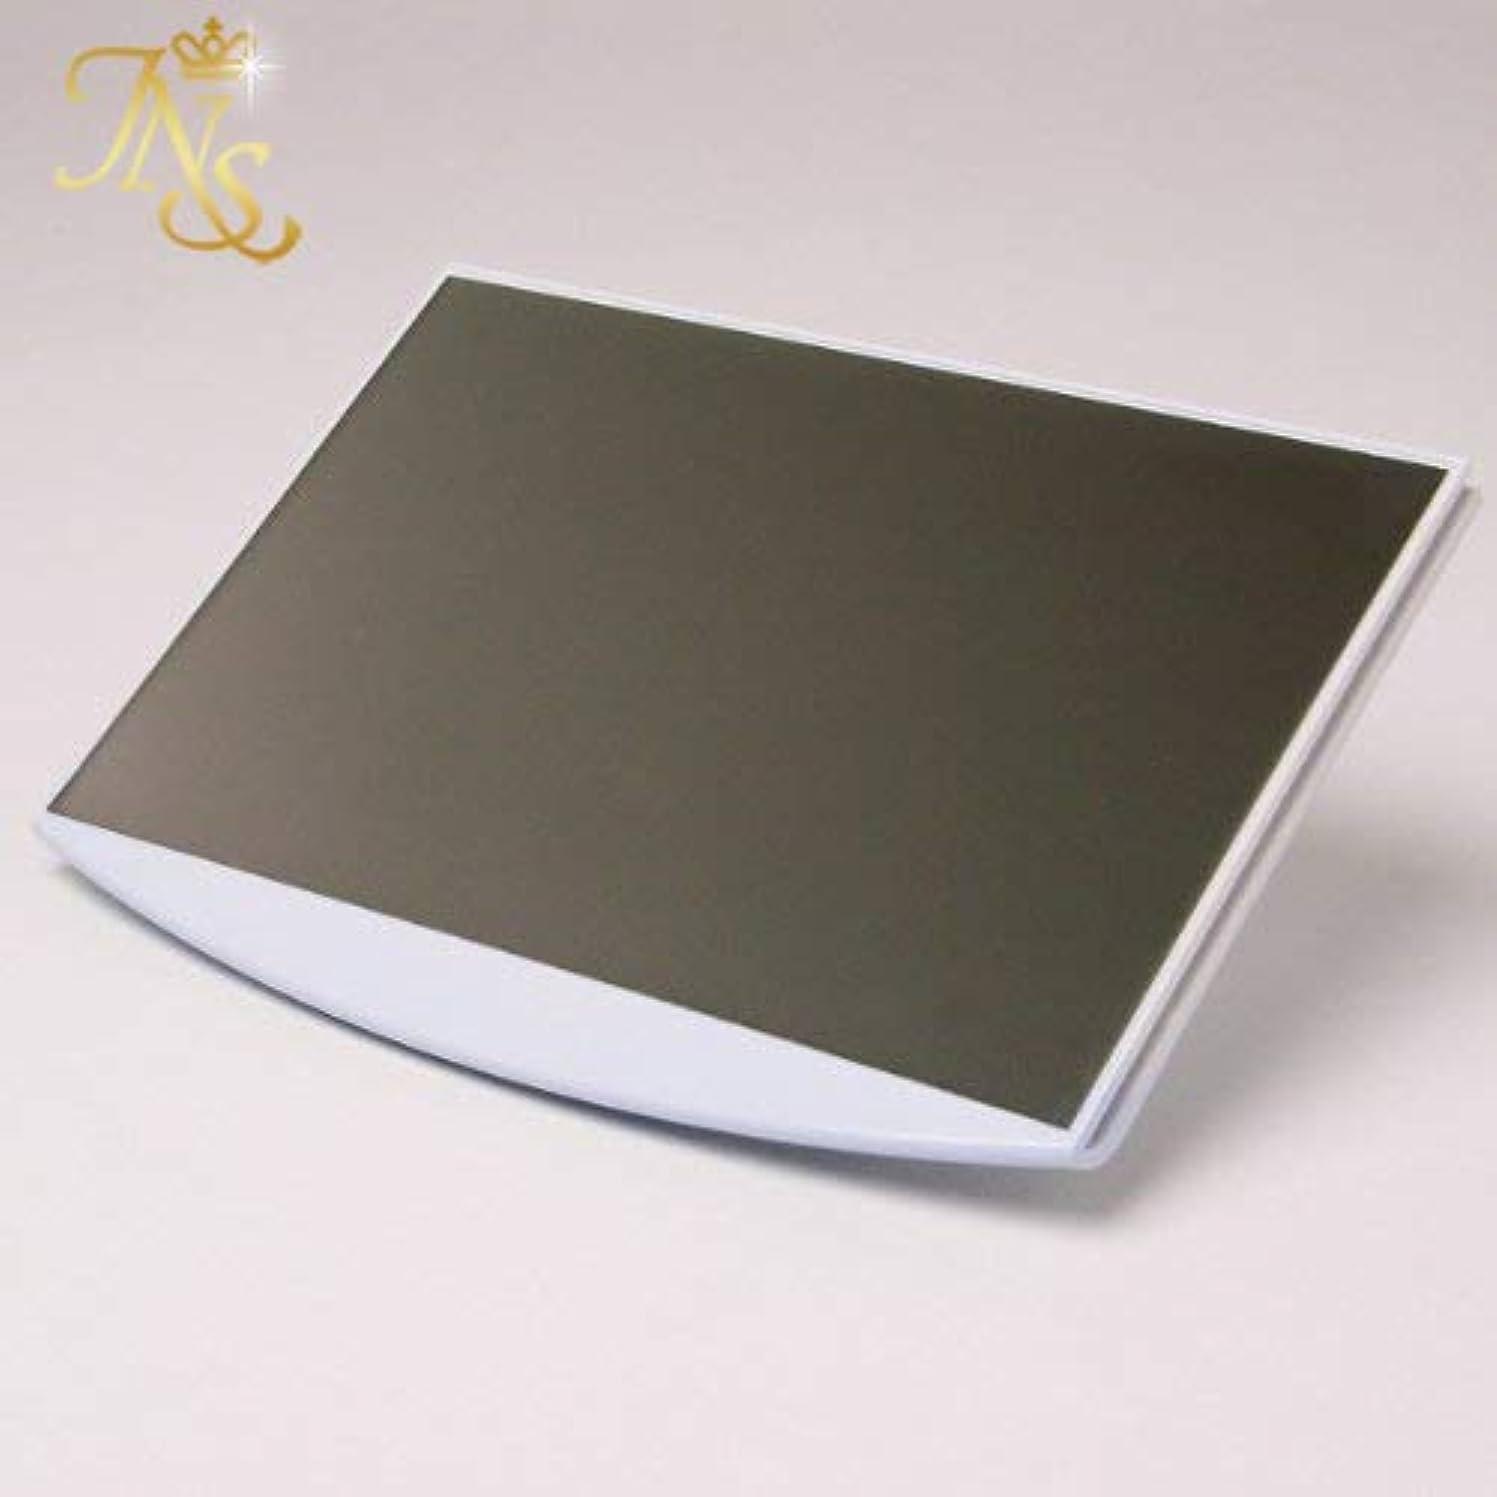 貸し手サイズ豊かにするLEDライト ジェルネイル デジタルプロLED7交換用底板